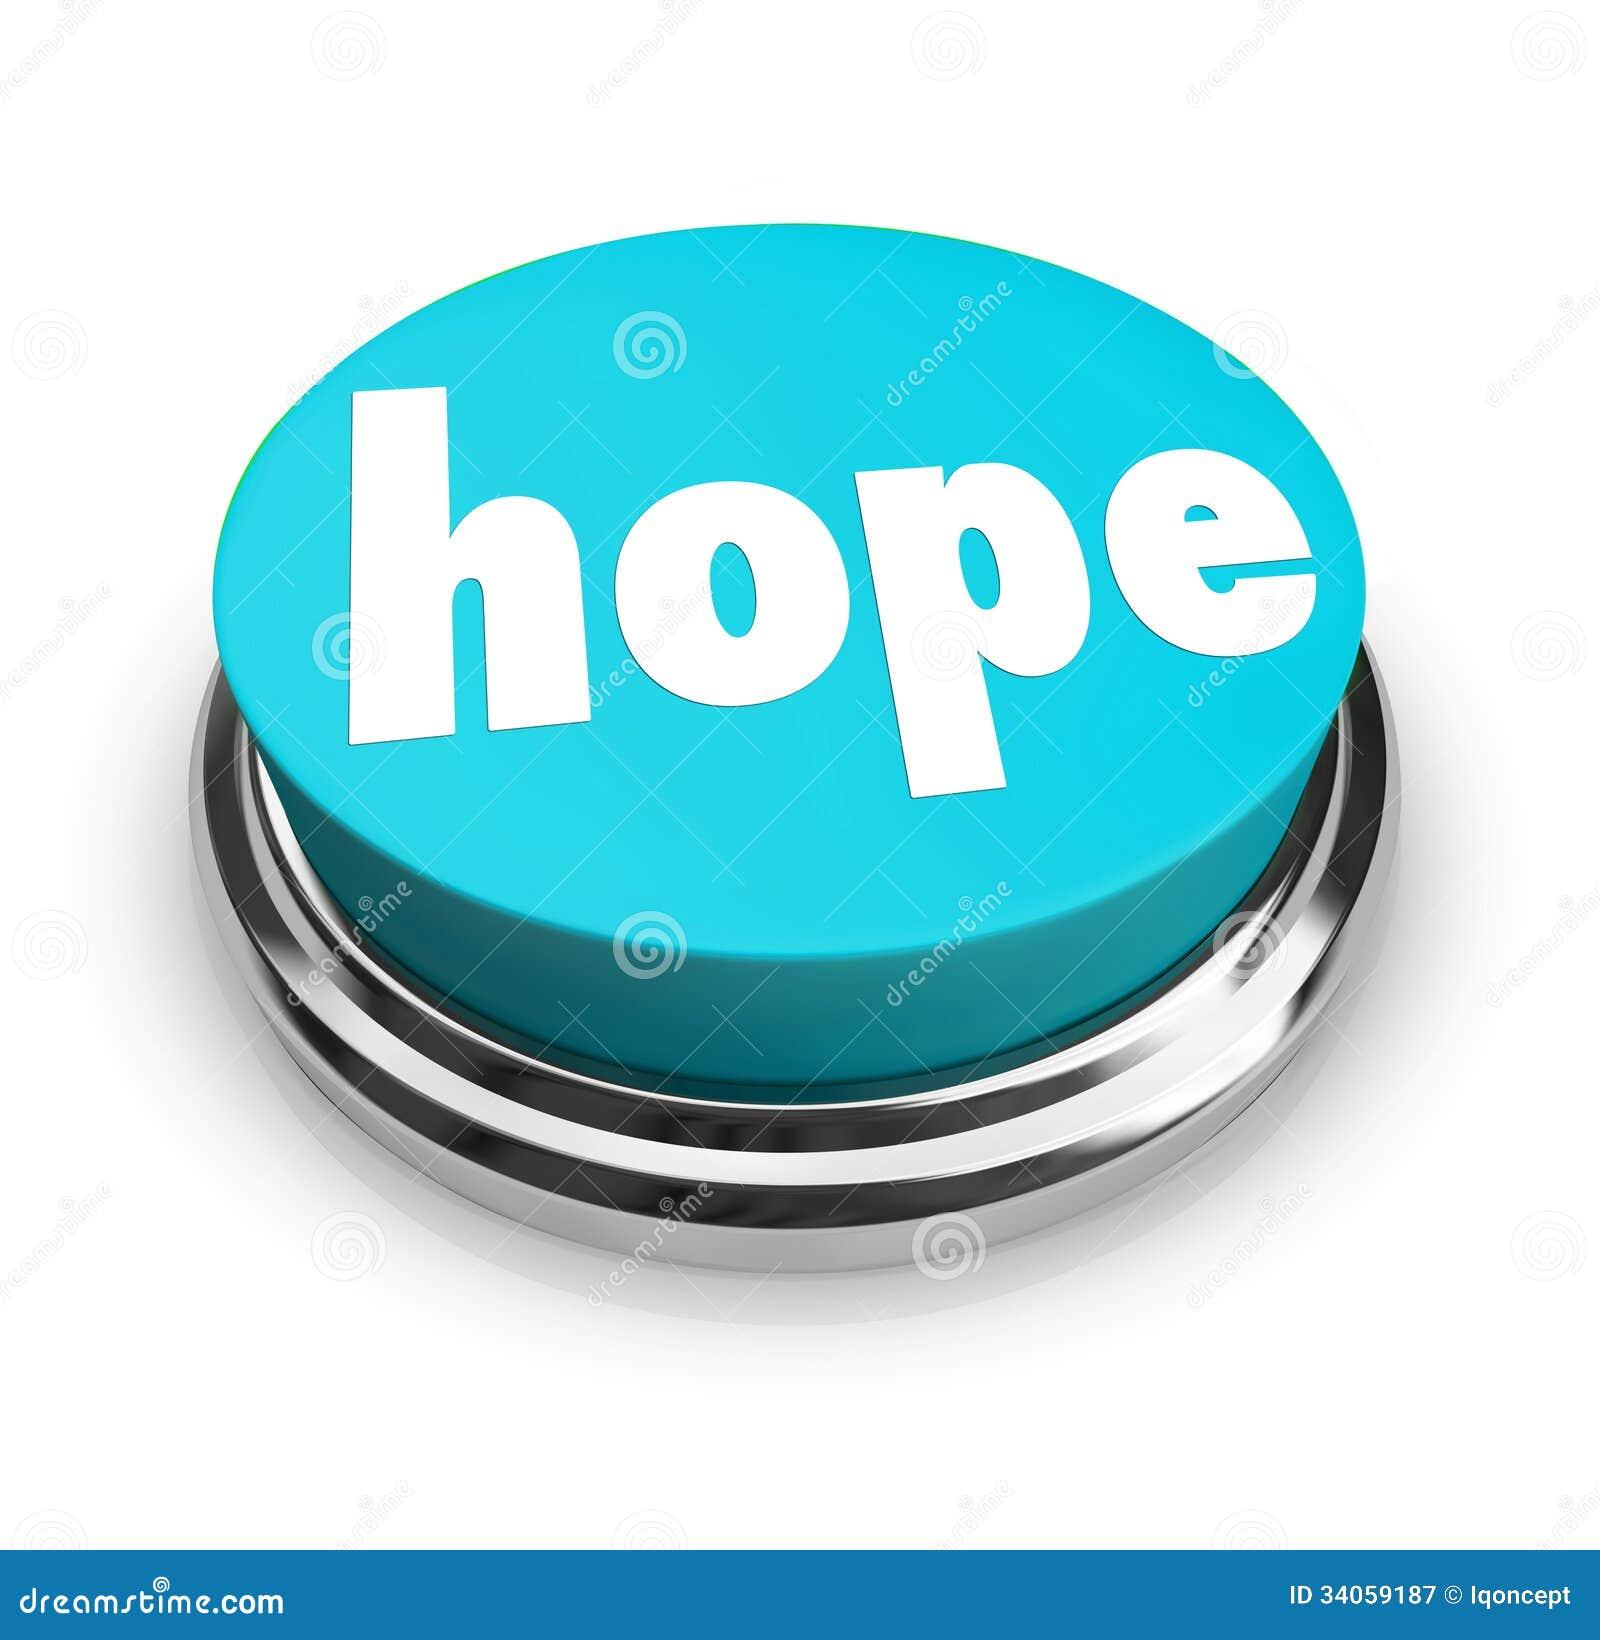 Hoffnungs-Wort-Knopf-Glauben-Geistigkeits-Religion